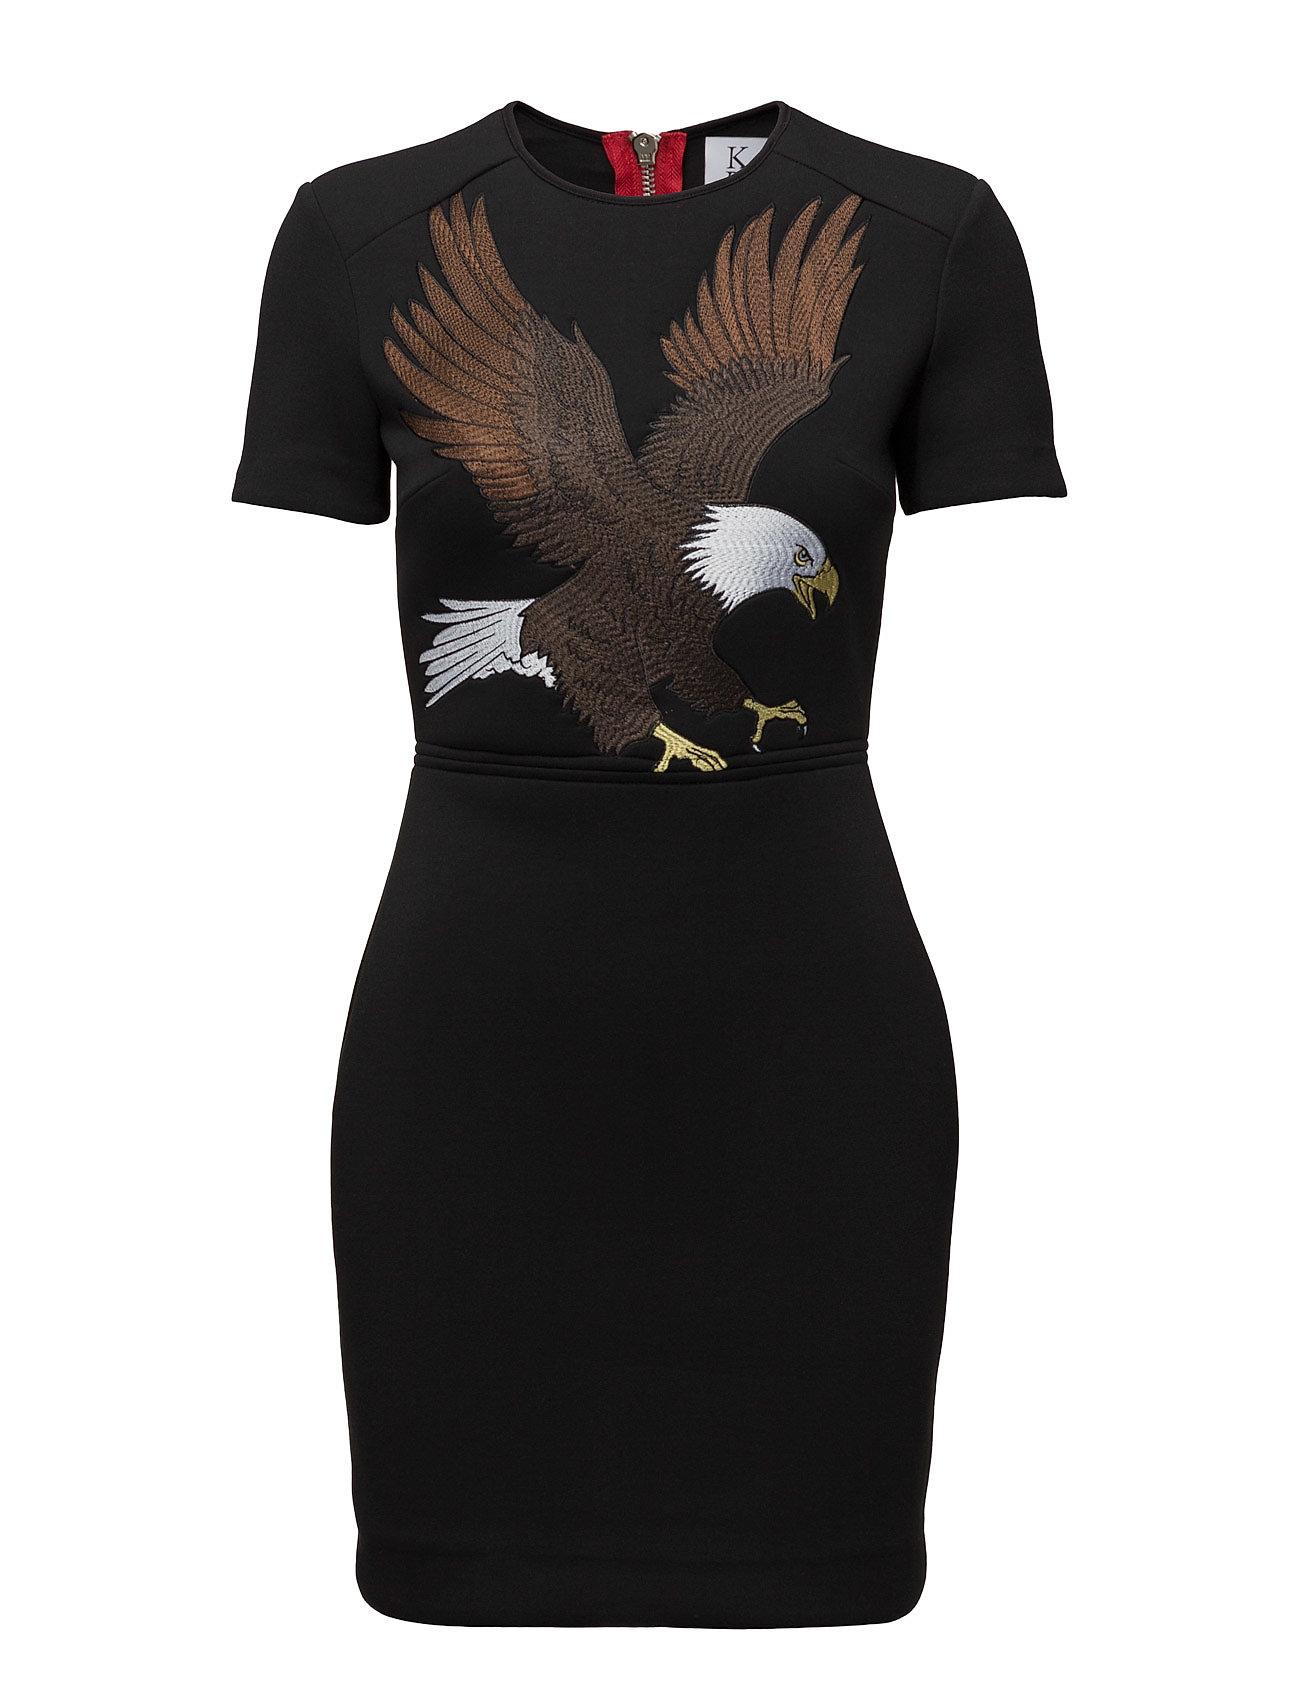 zoe karssen – Fitted short sleeve dress på boozt.com dk